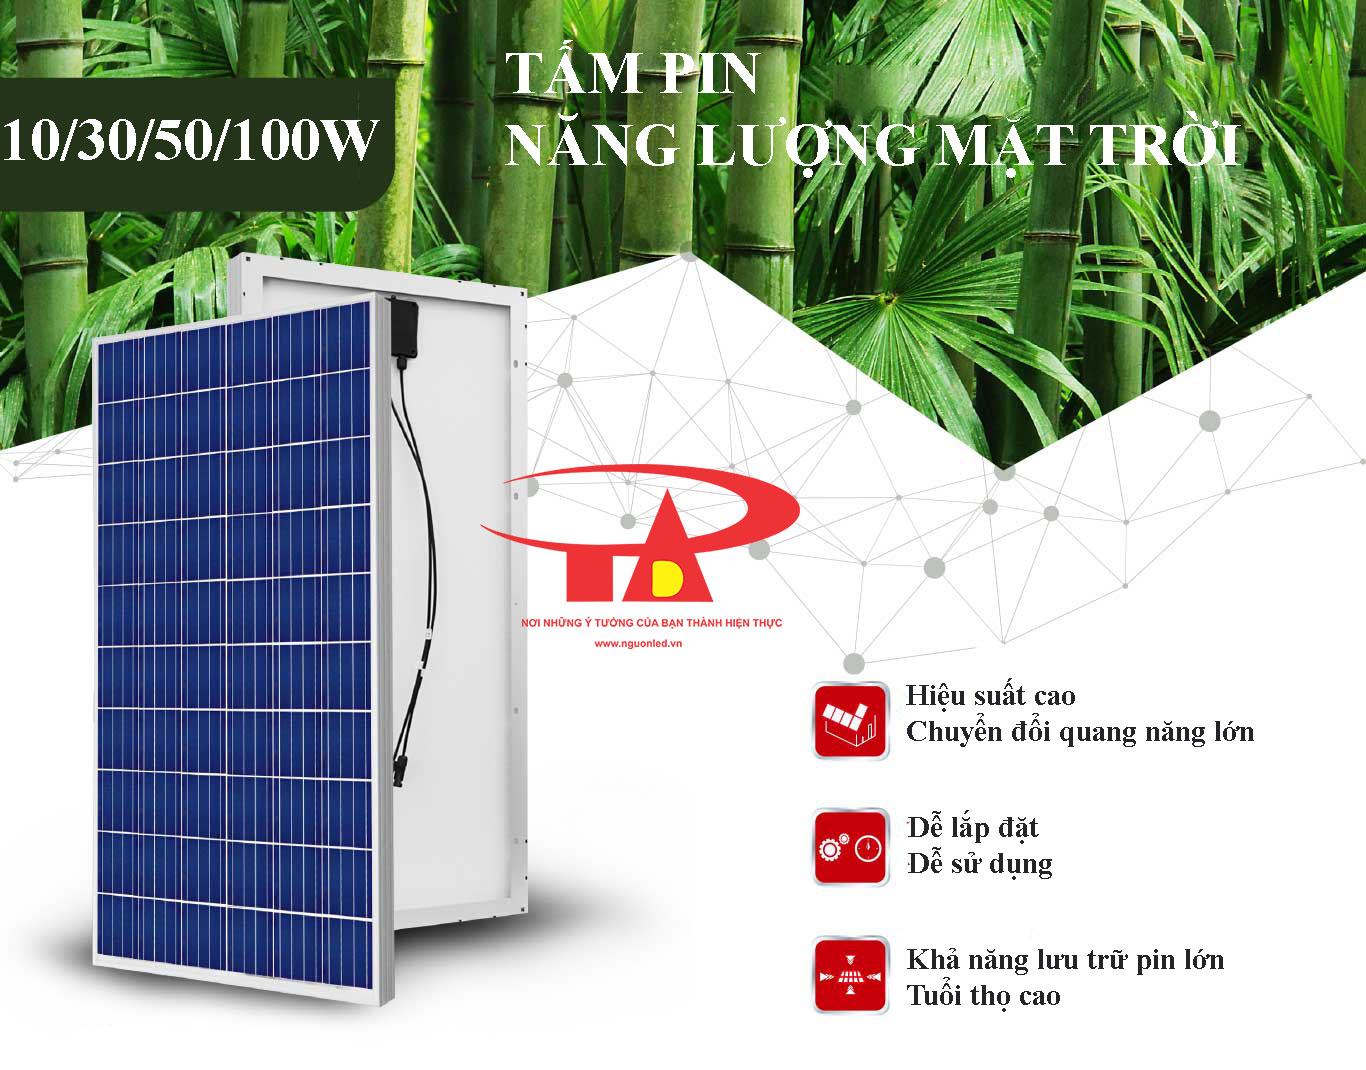 tấm pin năng lượng mặt trời 100w công suất tốt, hiệu suất cao